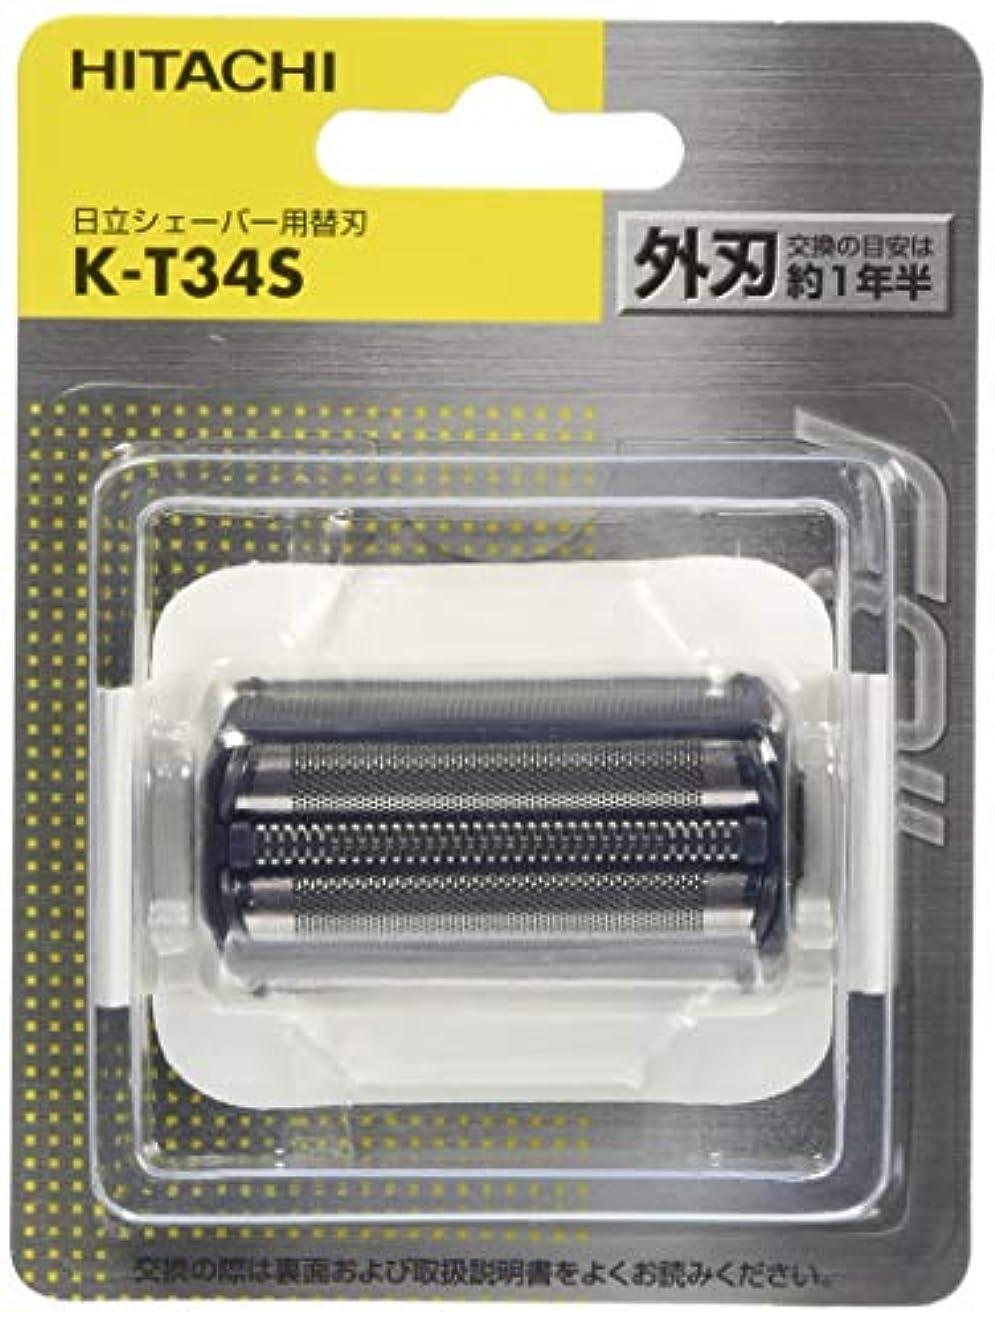 インタフェース効率的ボーダー日立 シェーバー用替刃(外刃) K-T34S